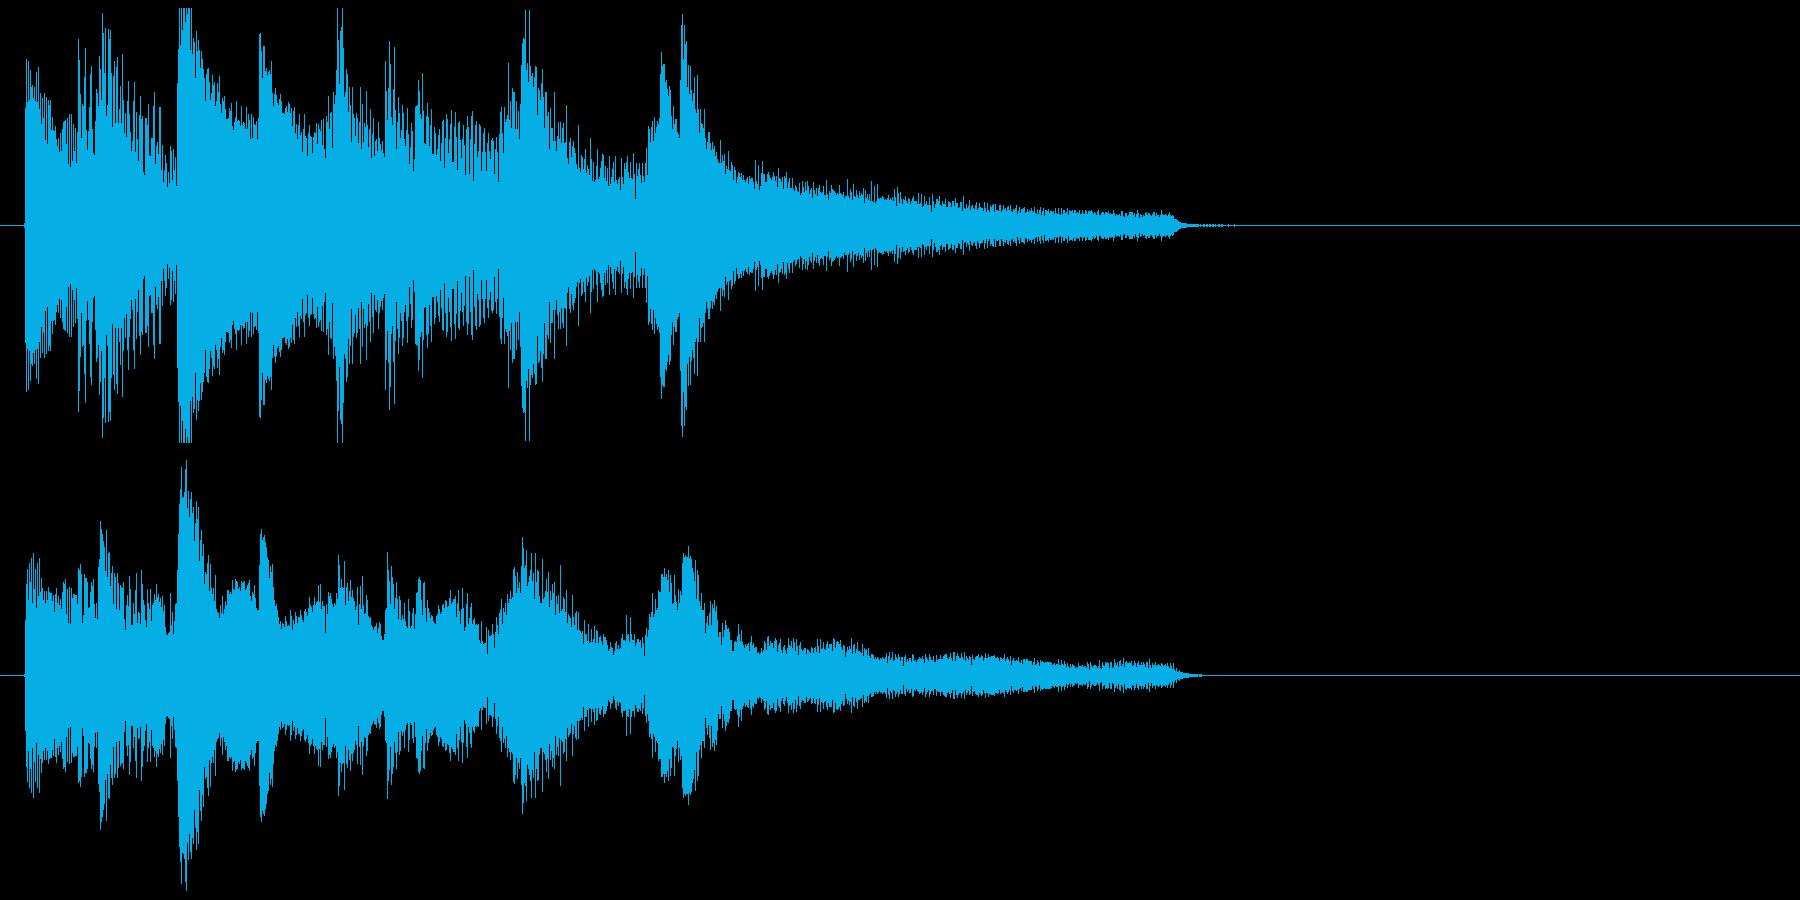 ゆったりとしたミディアム音楽の再生済みの波形